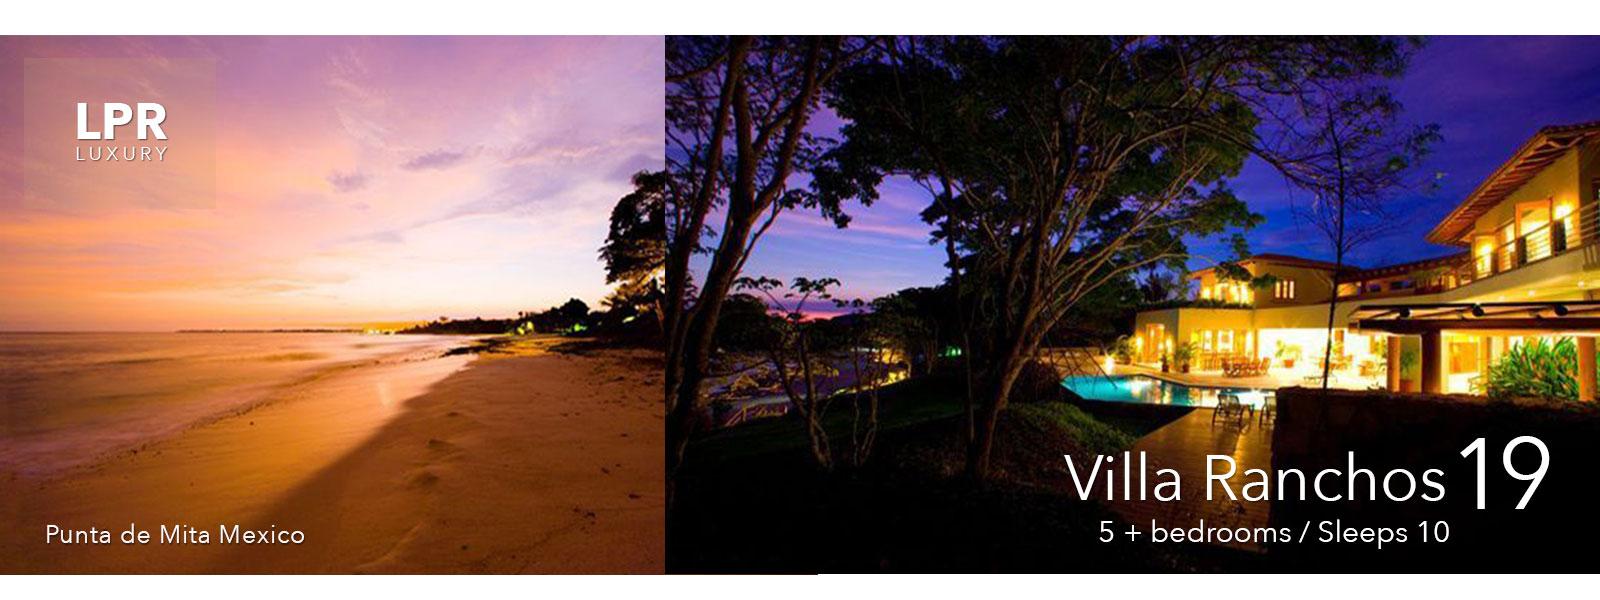 Villa Ranchos 19 - Luxury Vacation Rental Villa at Punta Mita Mexico Resort